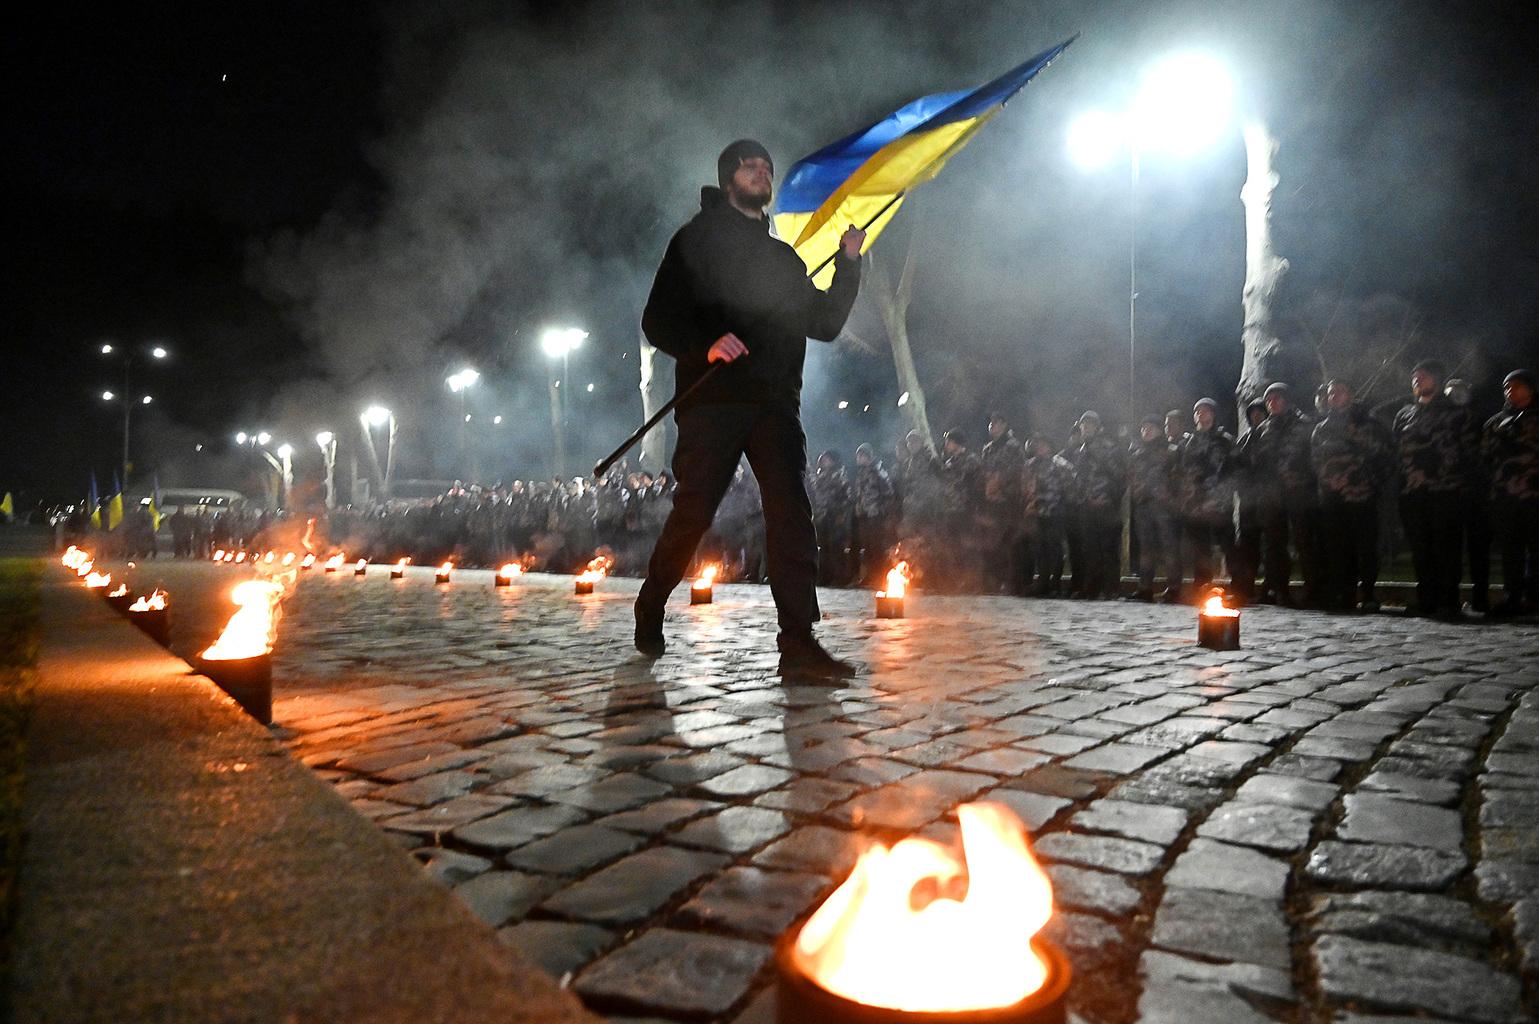 """""""A társadalom egyik részének a szemében a """"szláv testvérek"""" vagyunk, míg a másikban """"banderista fasiszták"""", propagandisták, akik elárulták a szláv testvériséget"""" A képen az Ukrén Nemzeti Önkéntes Hadosztály egyik tagja viszi az ukrán zászlót Kijevben, a csoportjuk megalakulásának harmadik évfordulójára rendezett ünnepségen 2020. február 28-án #moszkvater"""